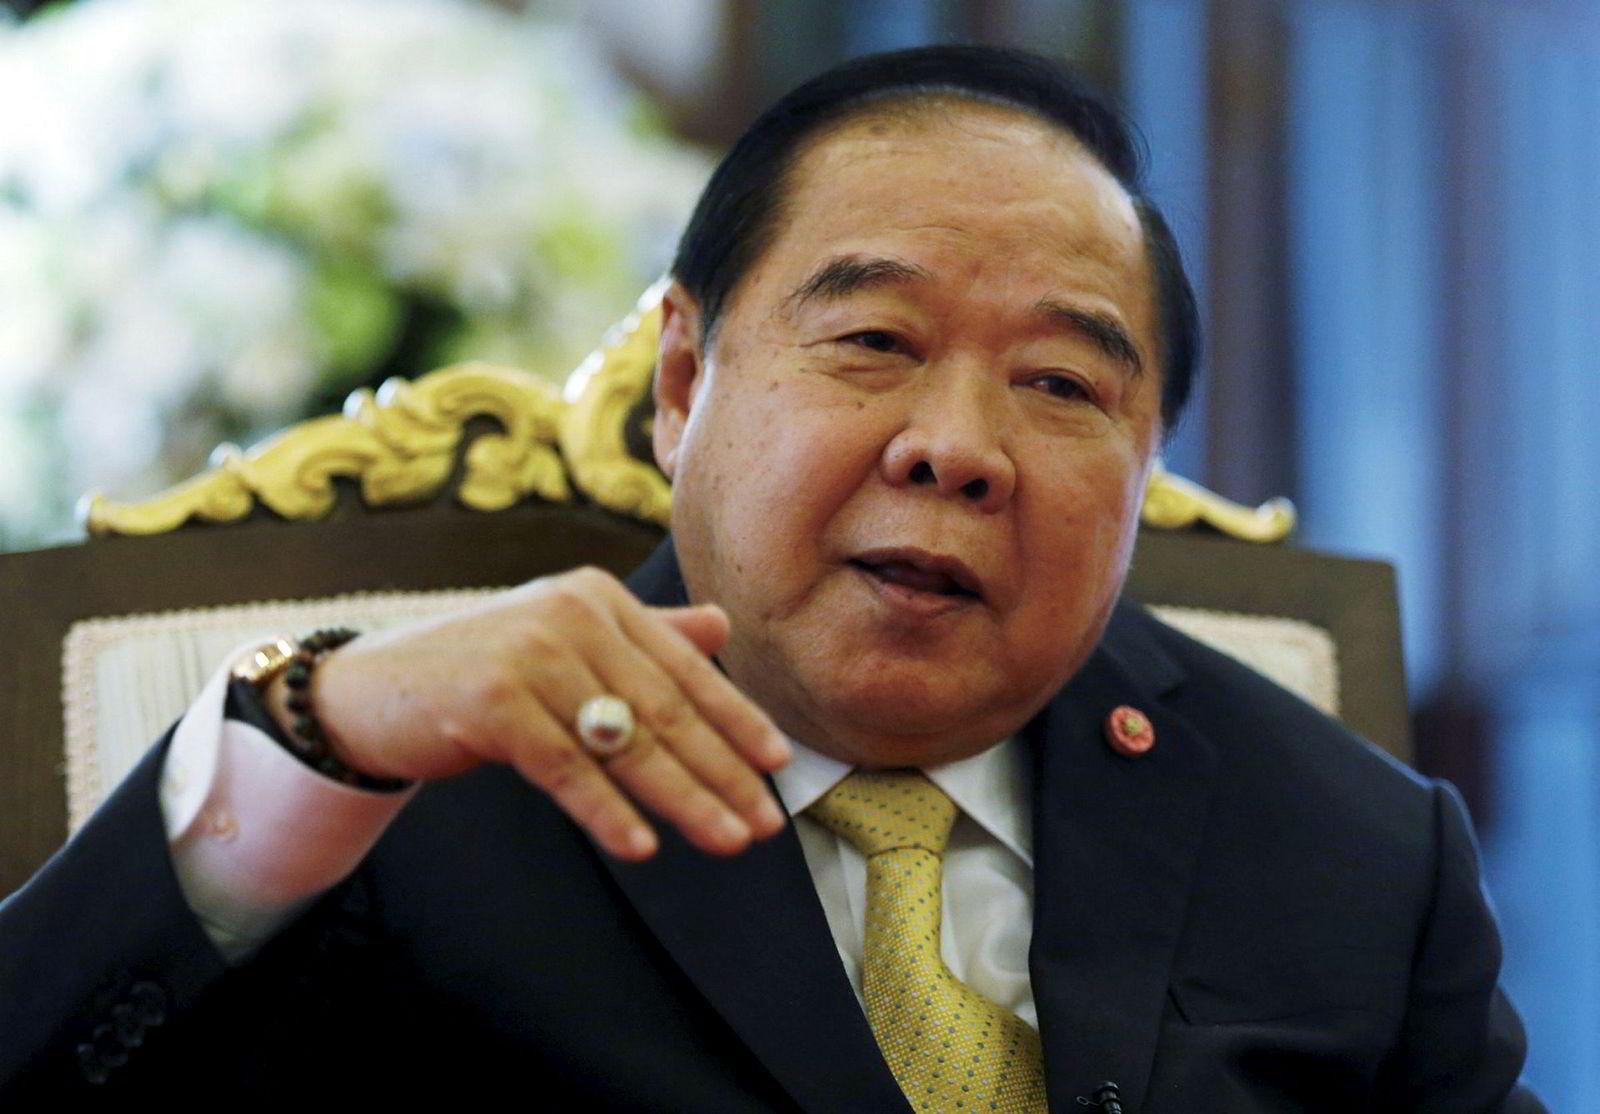 Prawit Wongsuwan, Thailands visestatsminister og forsvarsminister.